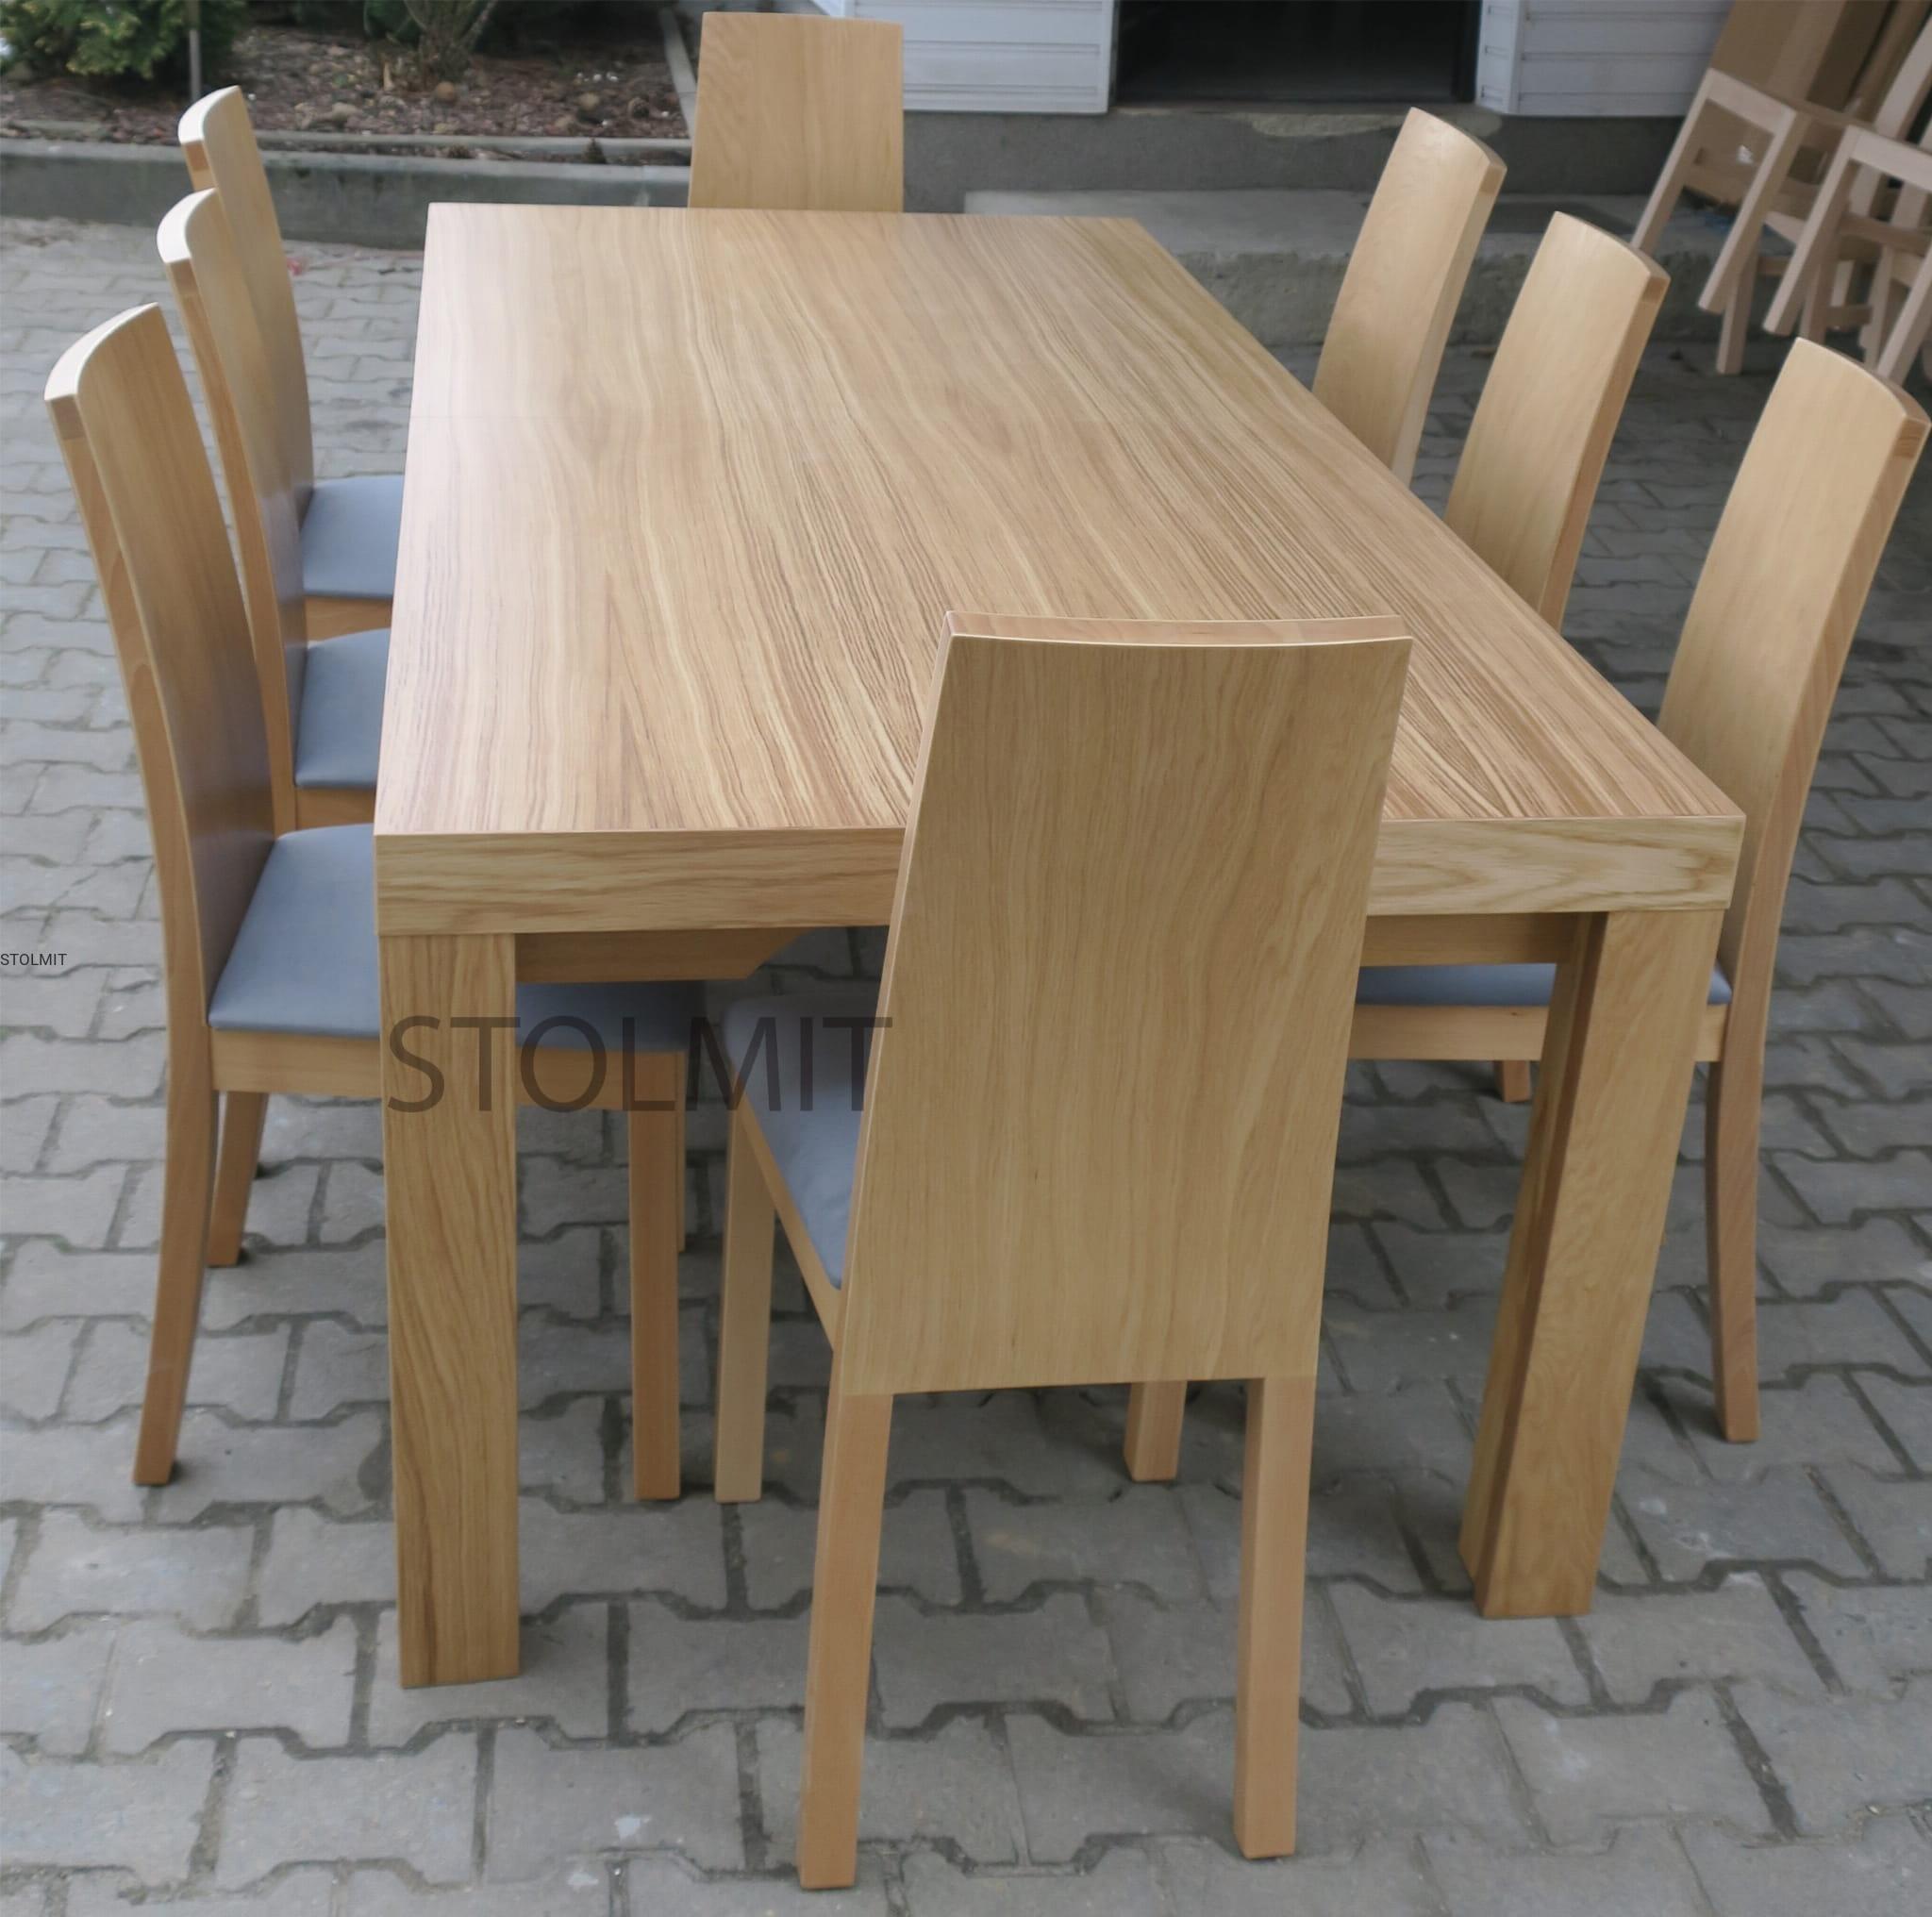 Stół Dębowy Duże Wymiary Typu 8 Nóg Bardzo Solidny I Stabilny